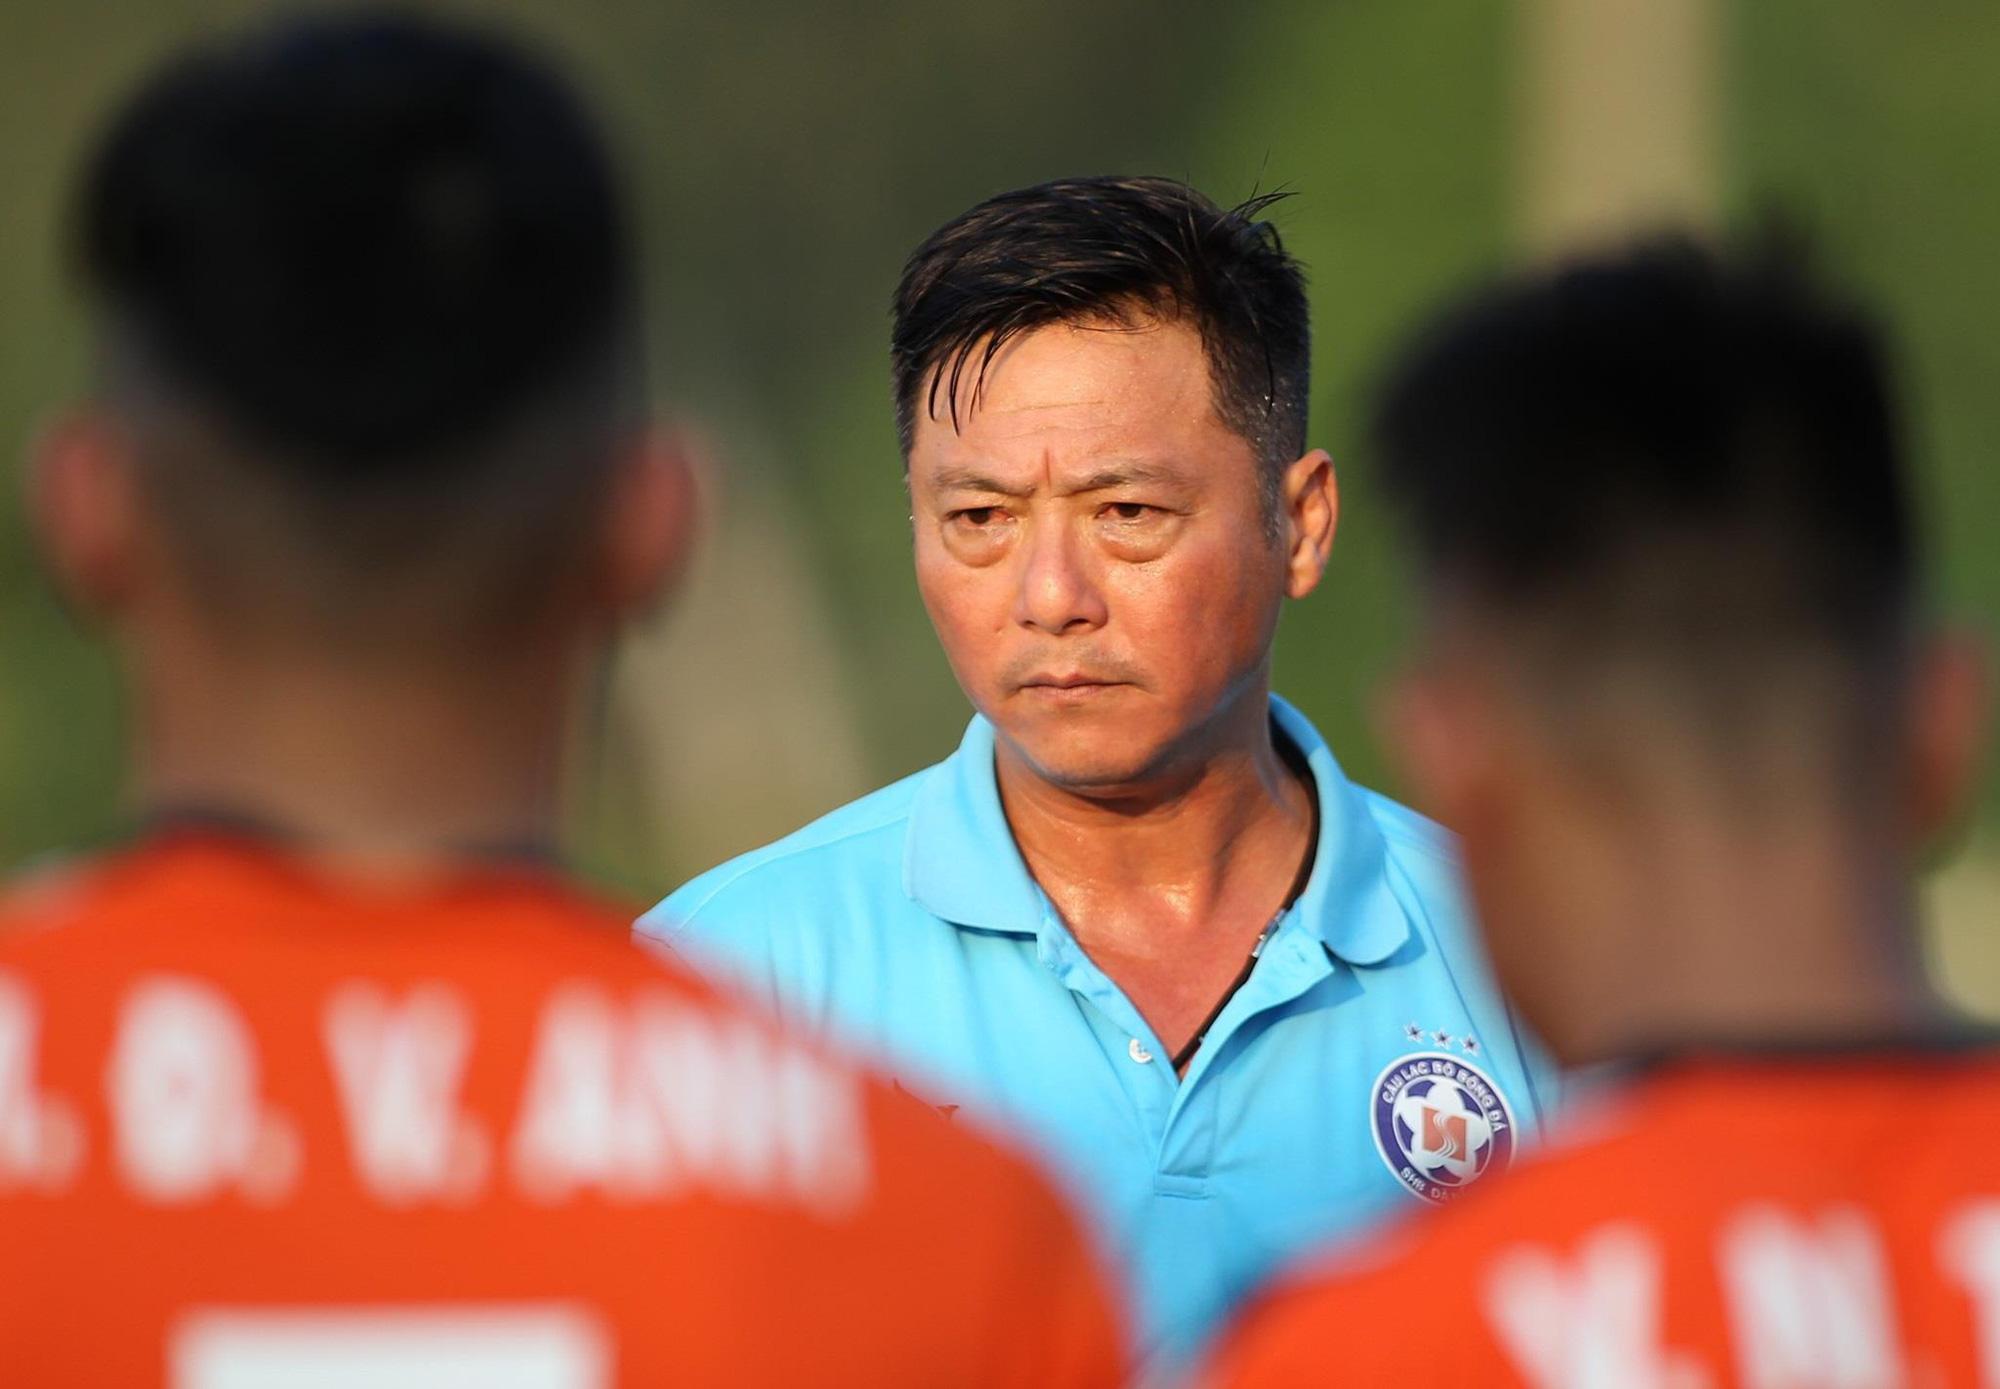 HLV Lê Huỳnh Đức – sóng gió sự nghiệp và bến cuối bình an - Ảnh 3.